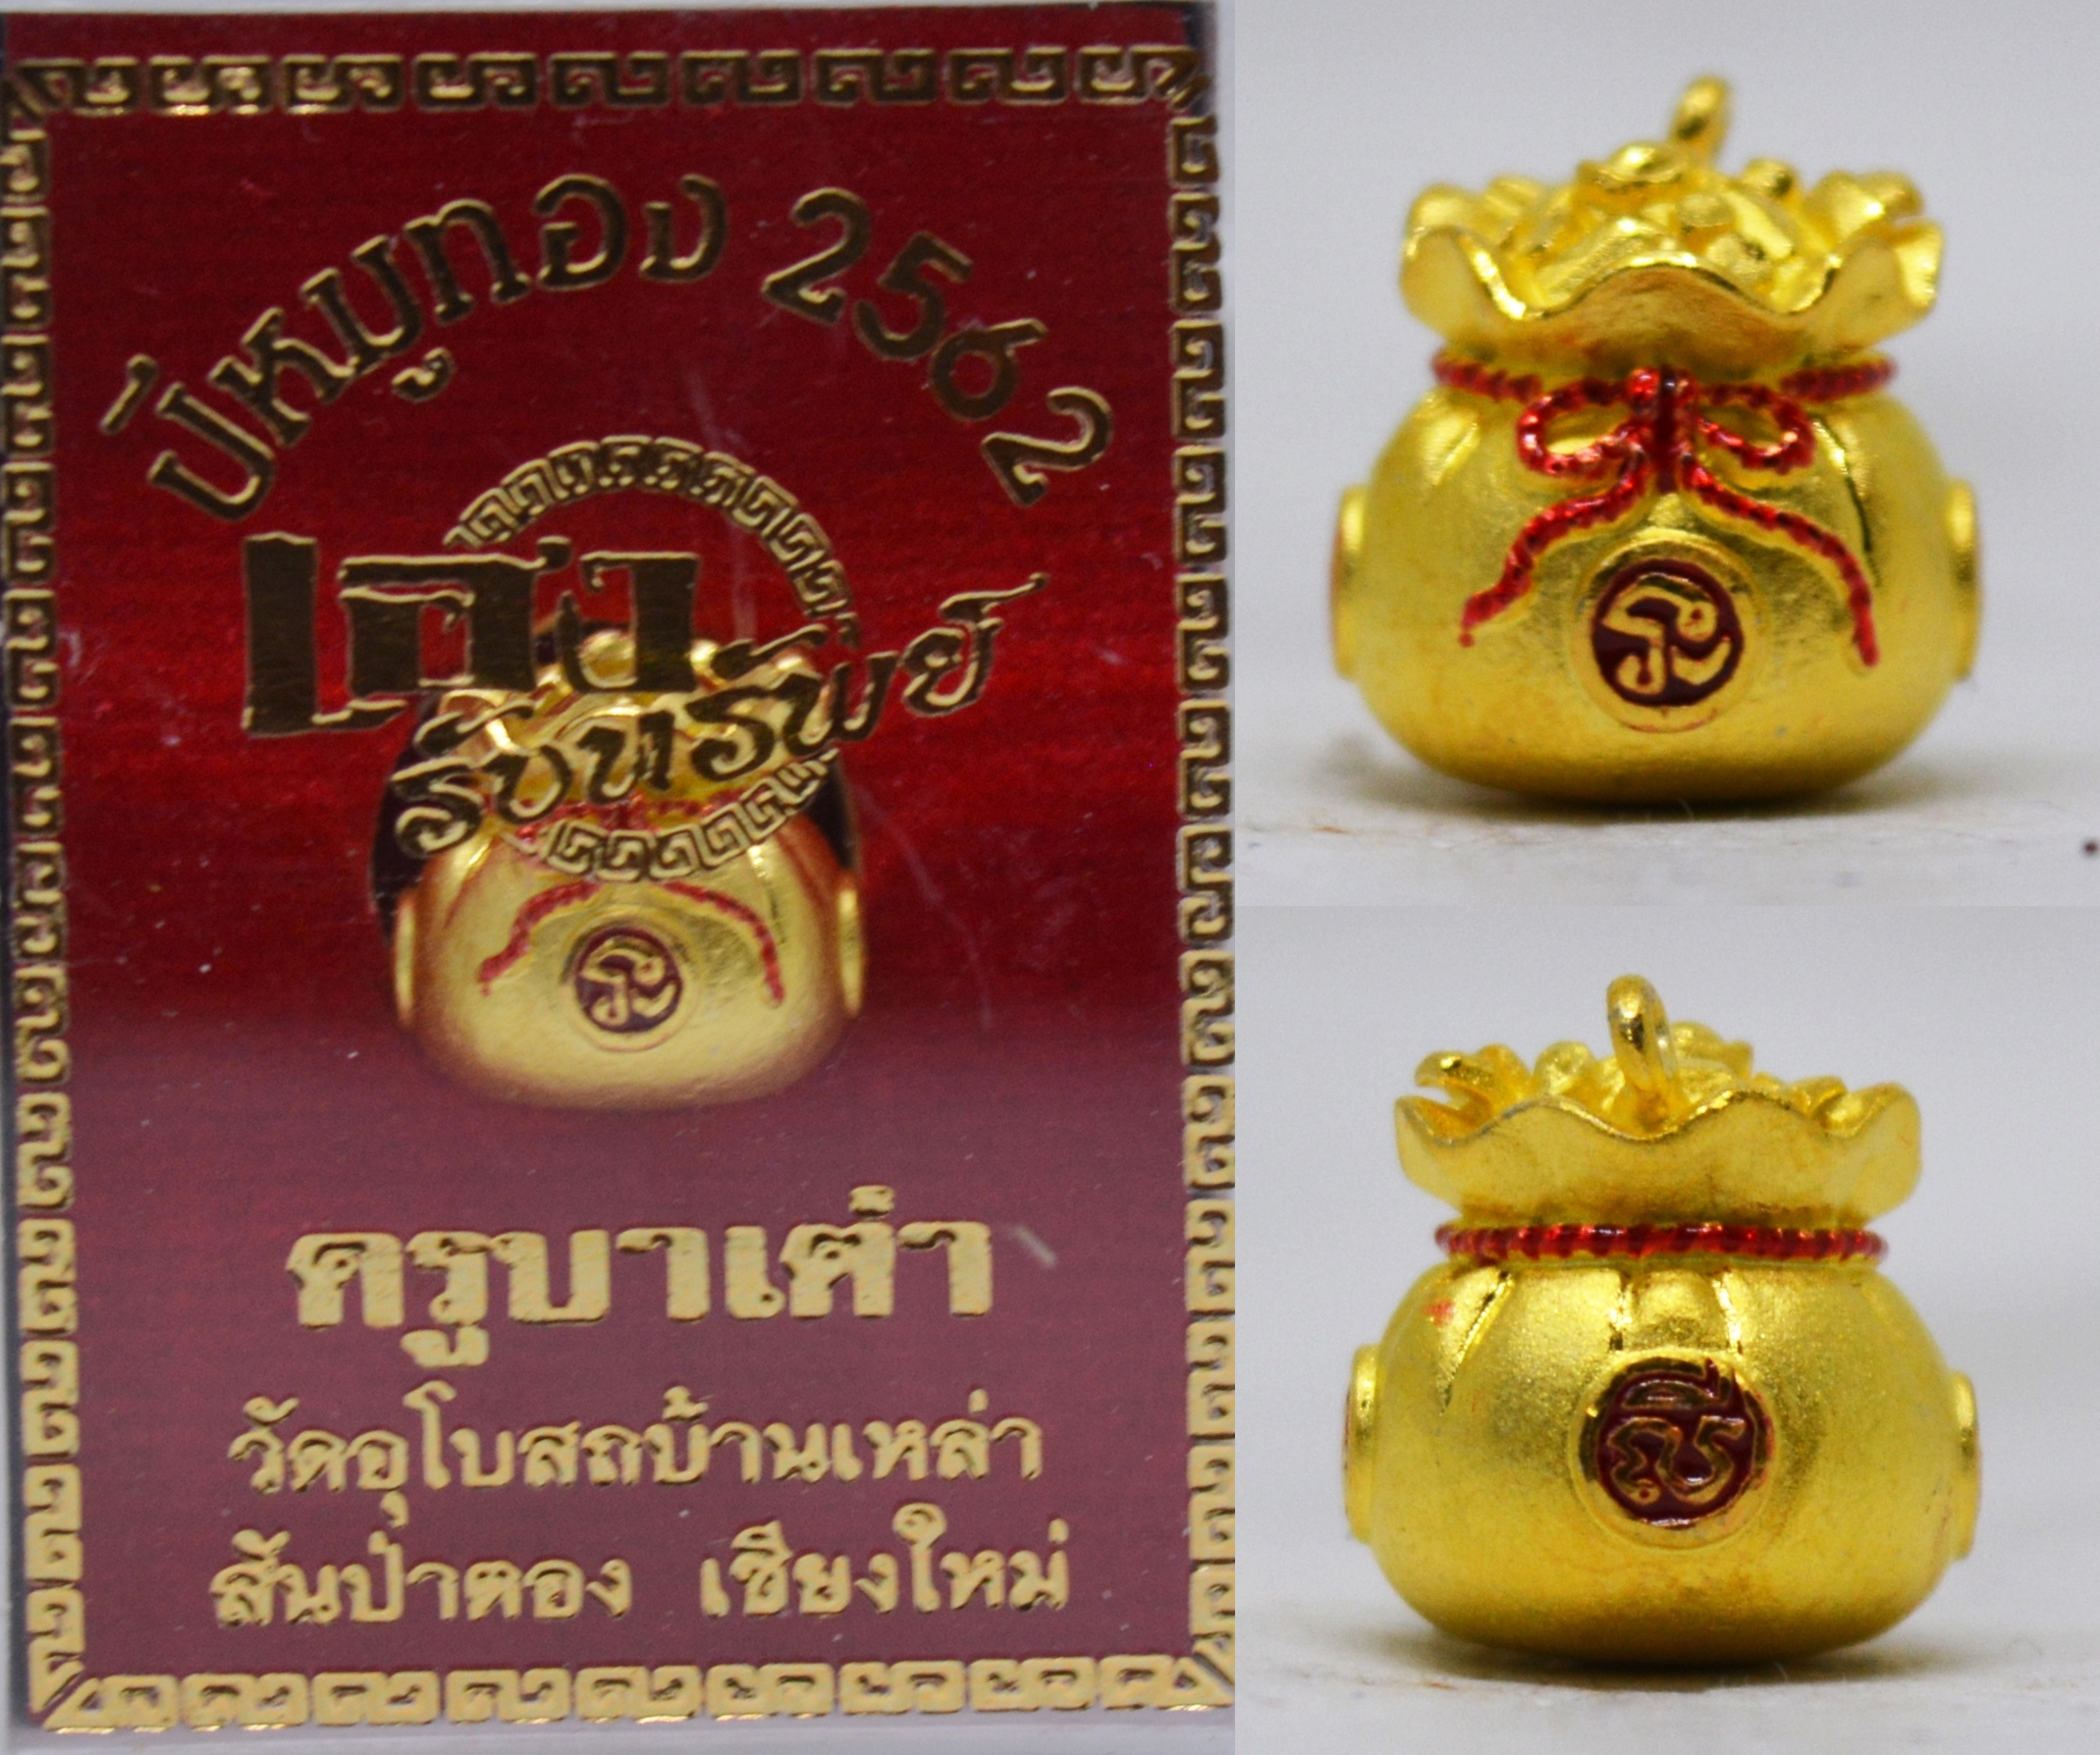 ถุงเงินรับทรัพย์ เนื้อสัมฤทธิ์ชุบทอง ครูบาเต่า วัดบ้านเหล่า  2562 ขนาด 1.2x1 ซม